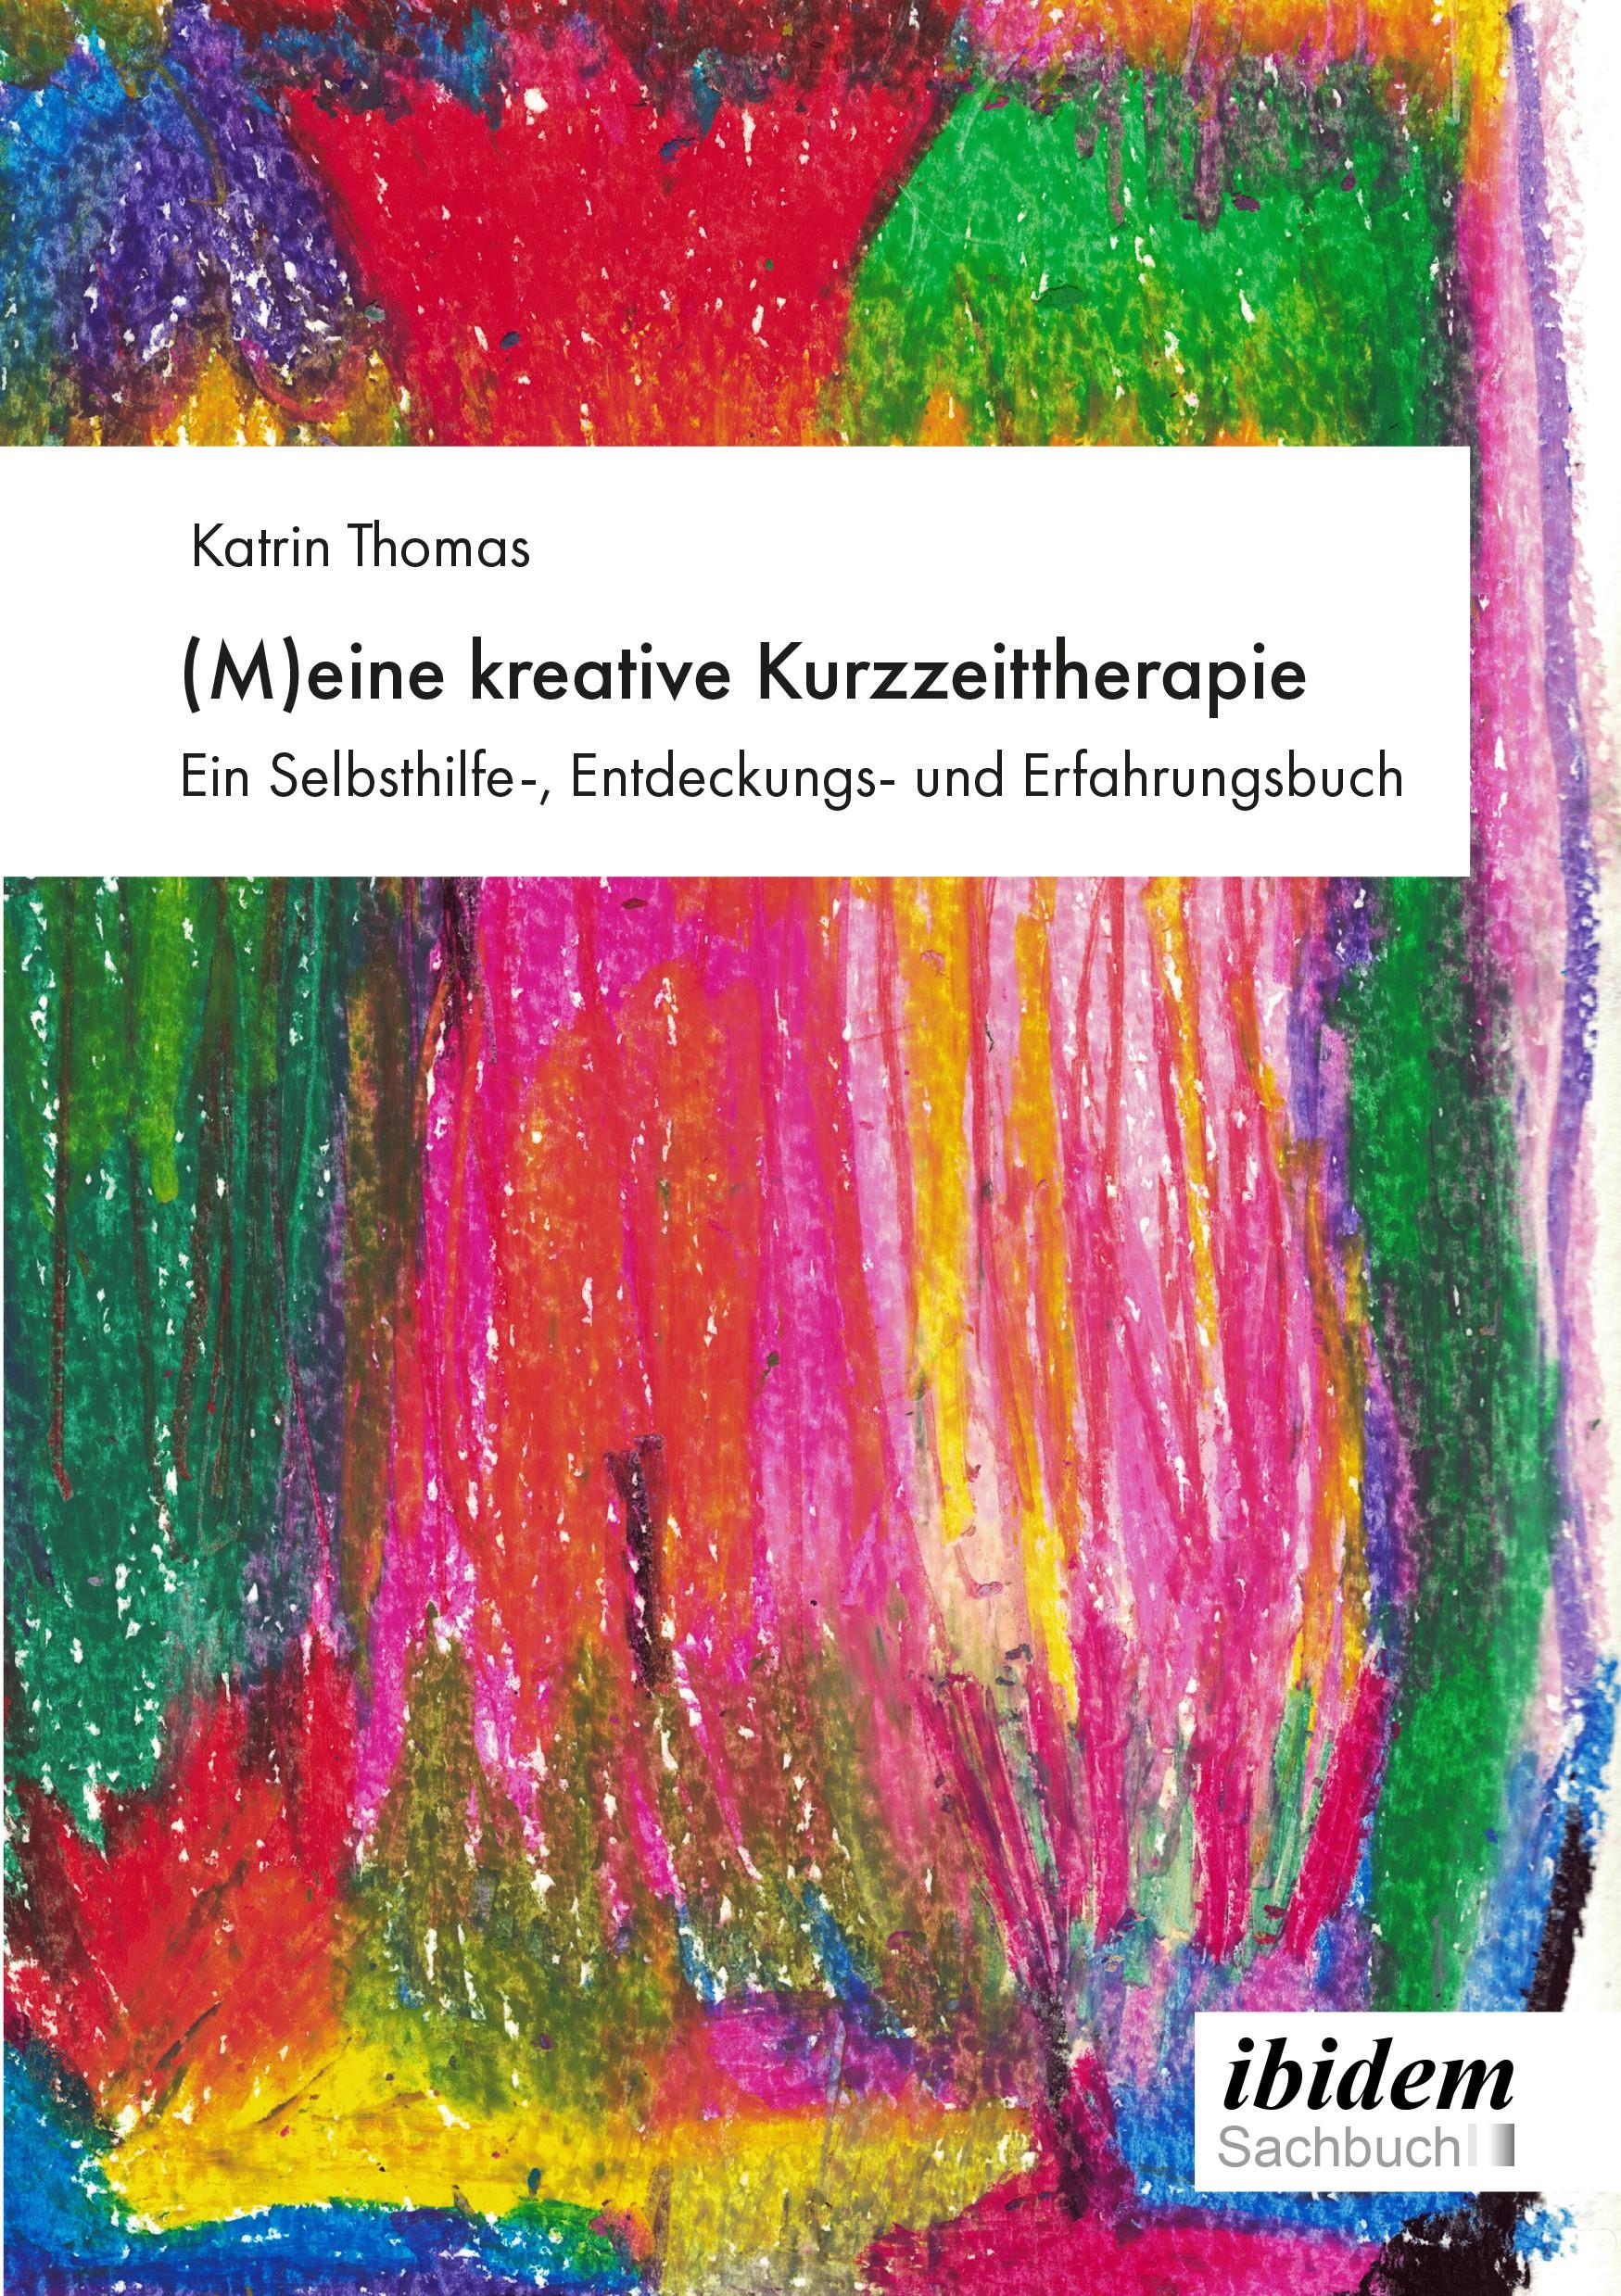 (M)eine kreative Kurzzeittherapie